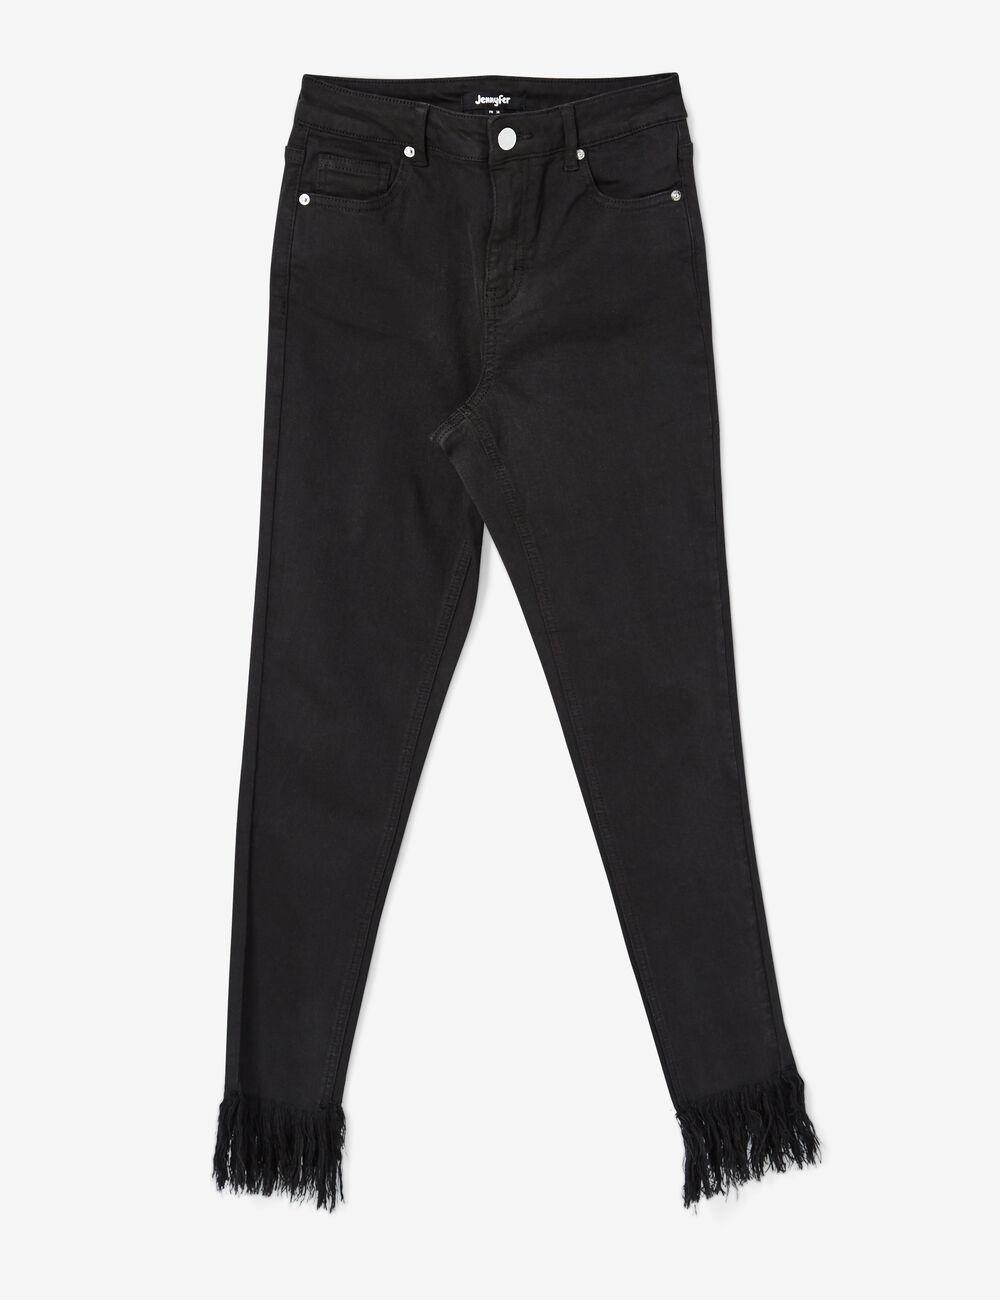 pantalon skinny avec franges noir femme jennyfer. Black Bedroom Furniture Sets. Home Design Ideas